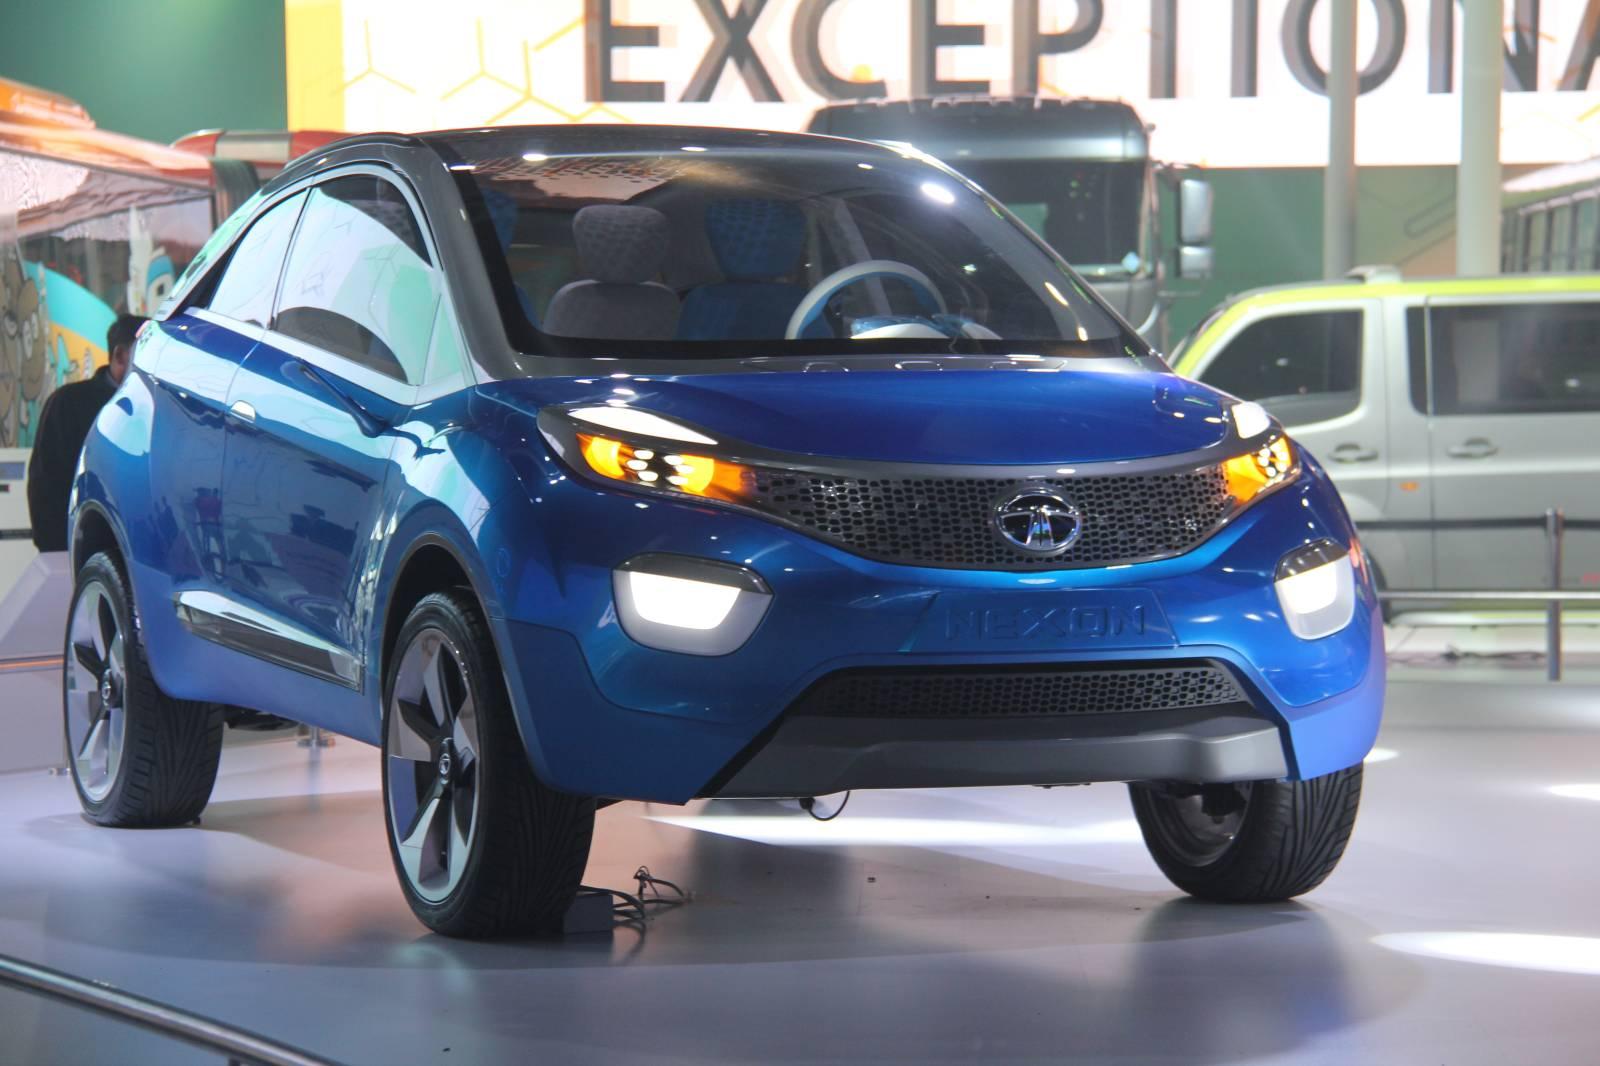 tesla a top brand, diesel ram mileage ratings, electric-car sales to